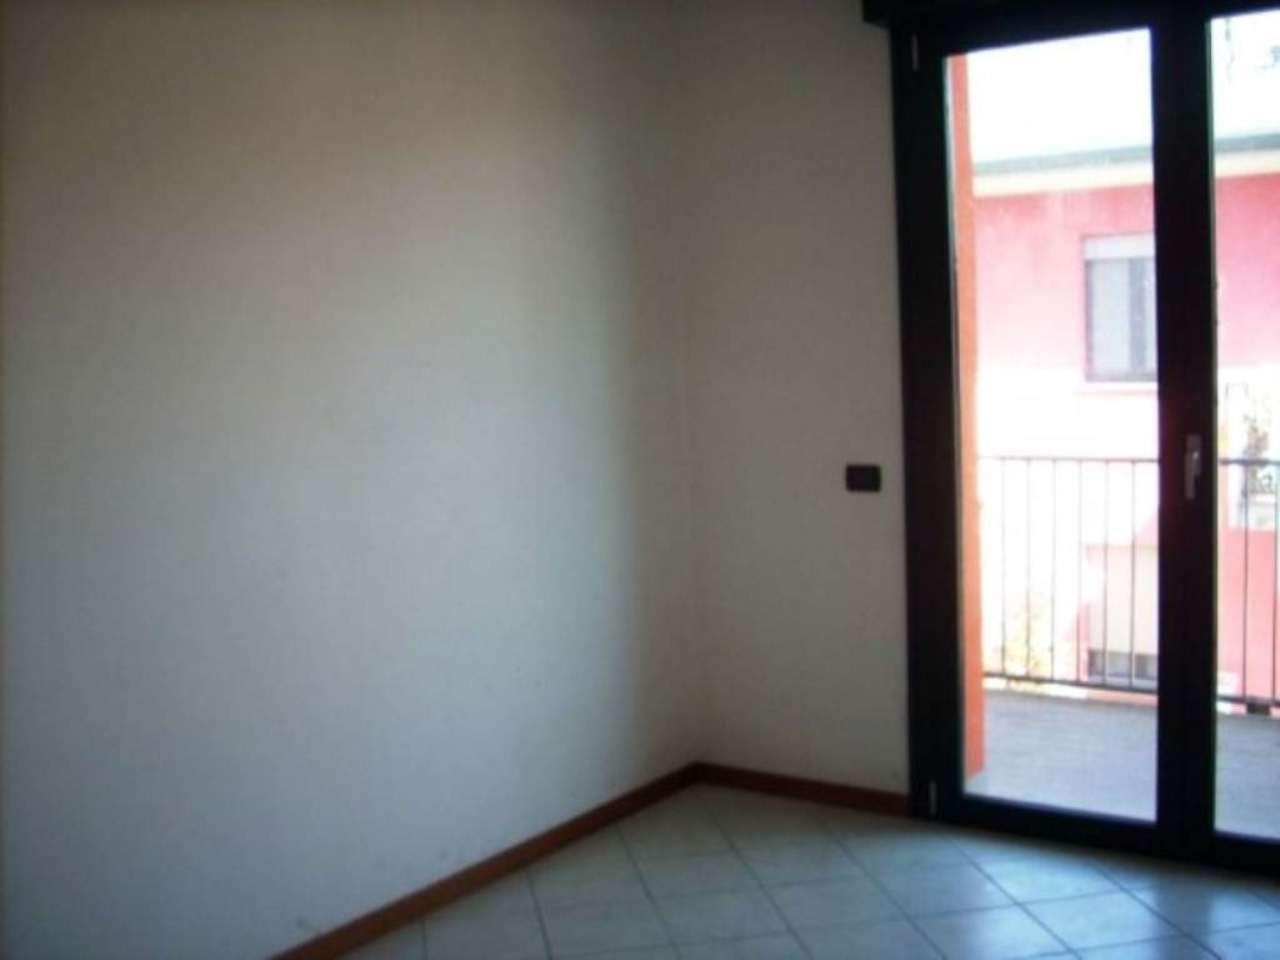 Appartamento in vendita a Fara Olivana con Sola, 3 locali, prezzo € 130.000 | Cambio Casa.it